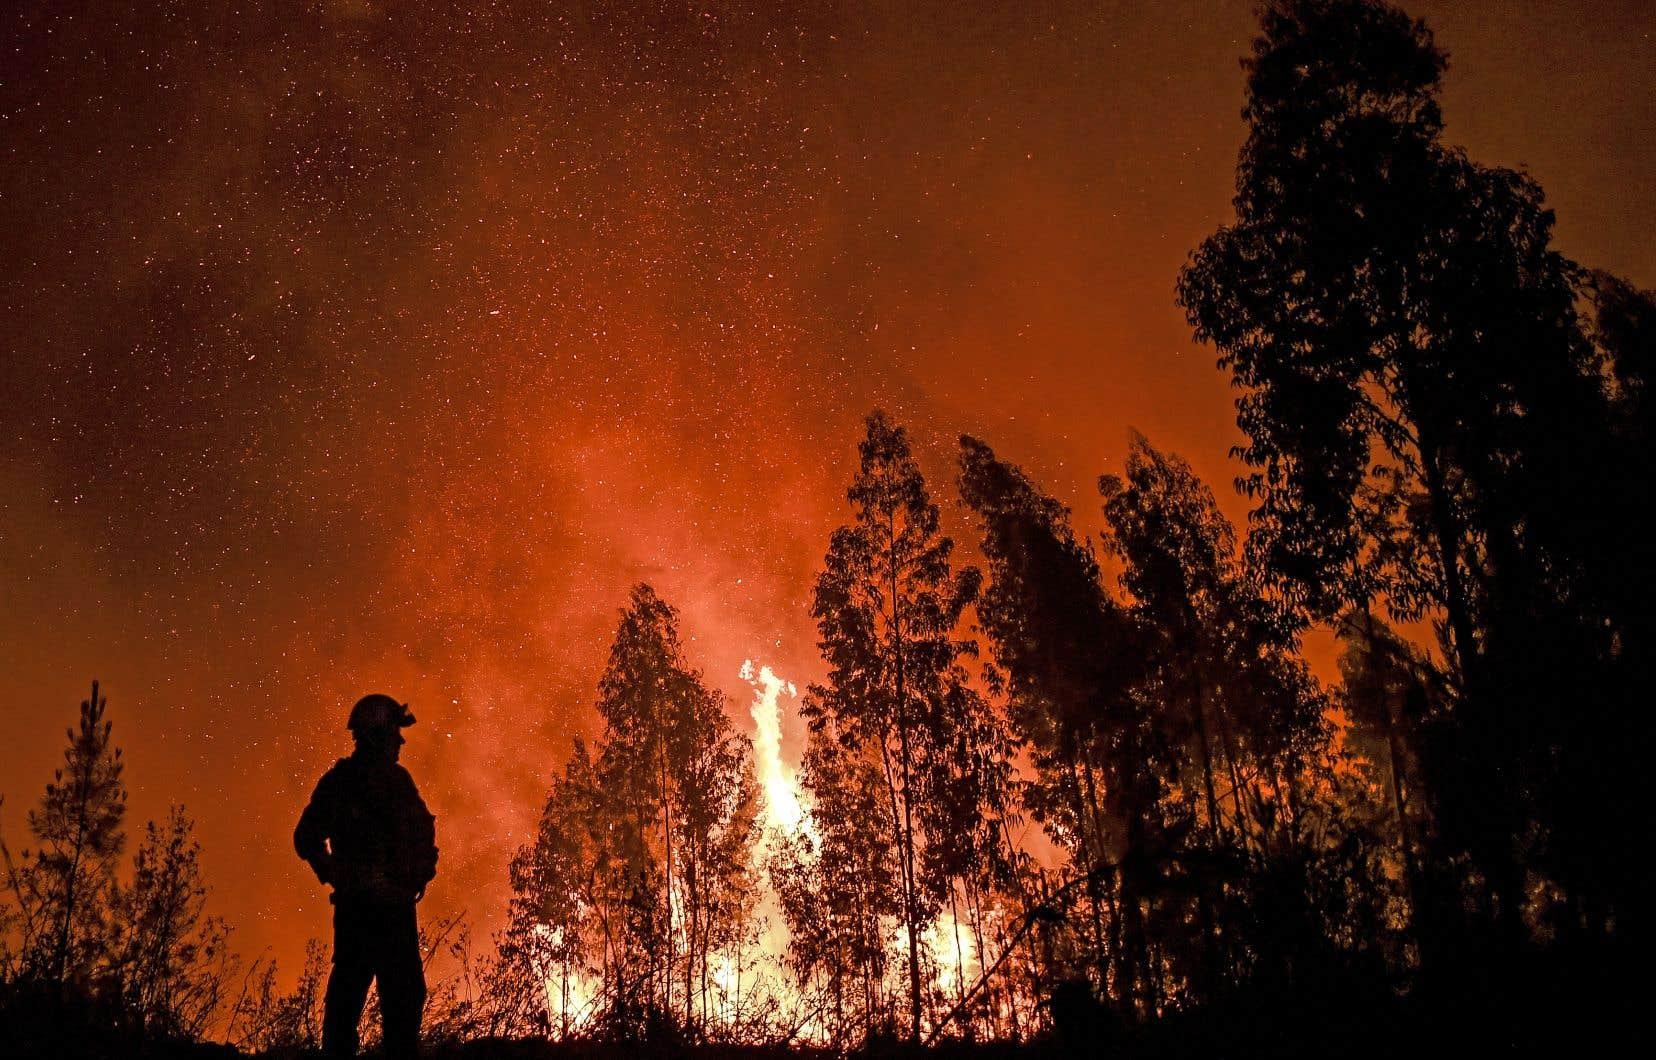 Les pompiers espéraient circonscrire les incendies de forêt dimanche, mais des vents violents, par une température de 35 degrés Celsius, ont provoqué de nombreuses reprises.